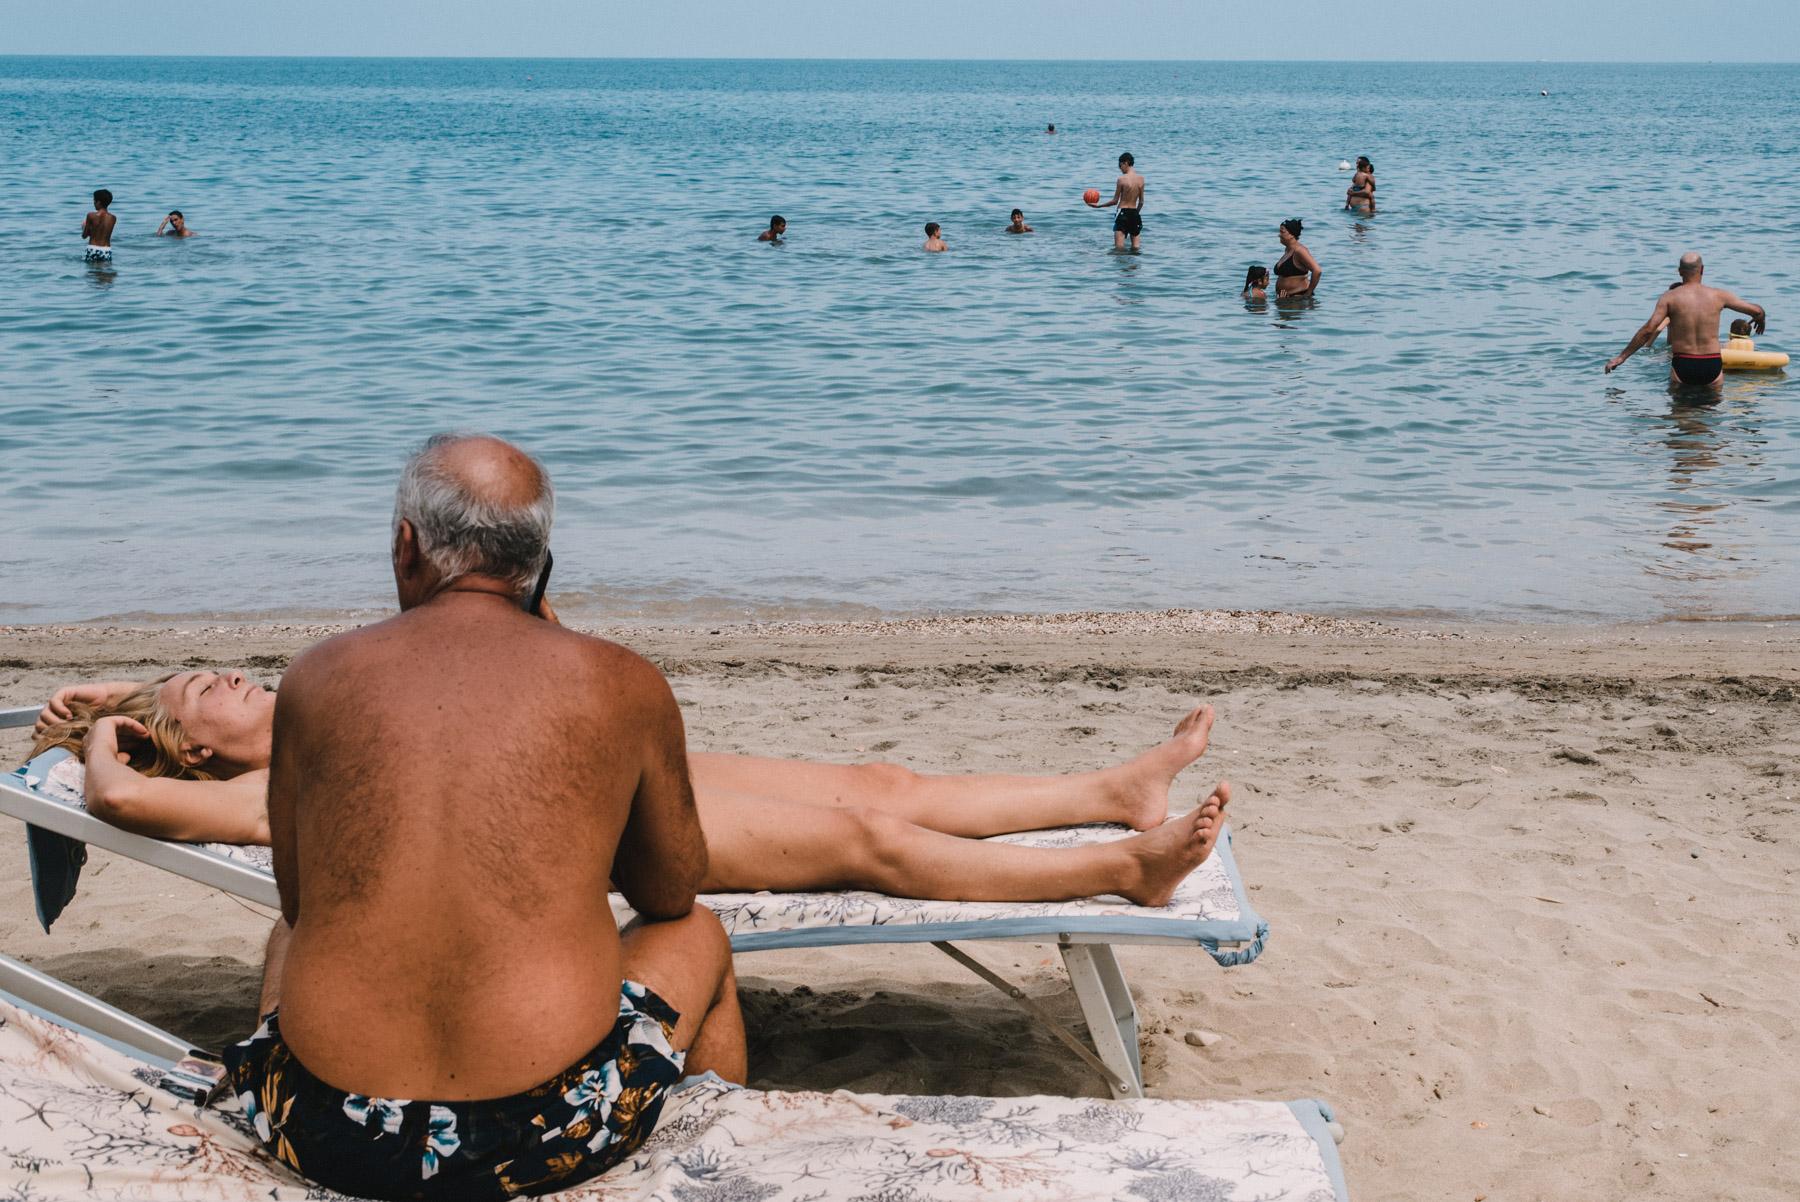 a couple having some relaxing time at the beach by the sea in the city of Barletta in Apulia, una coppia si rilassa in spiaggia durante una giornata al mare a Barletta in Puglia